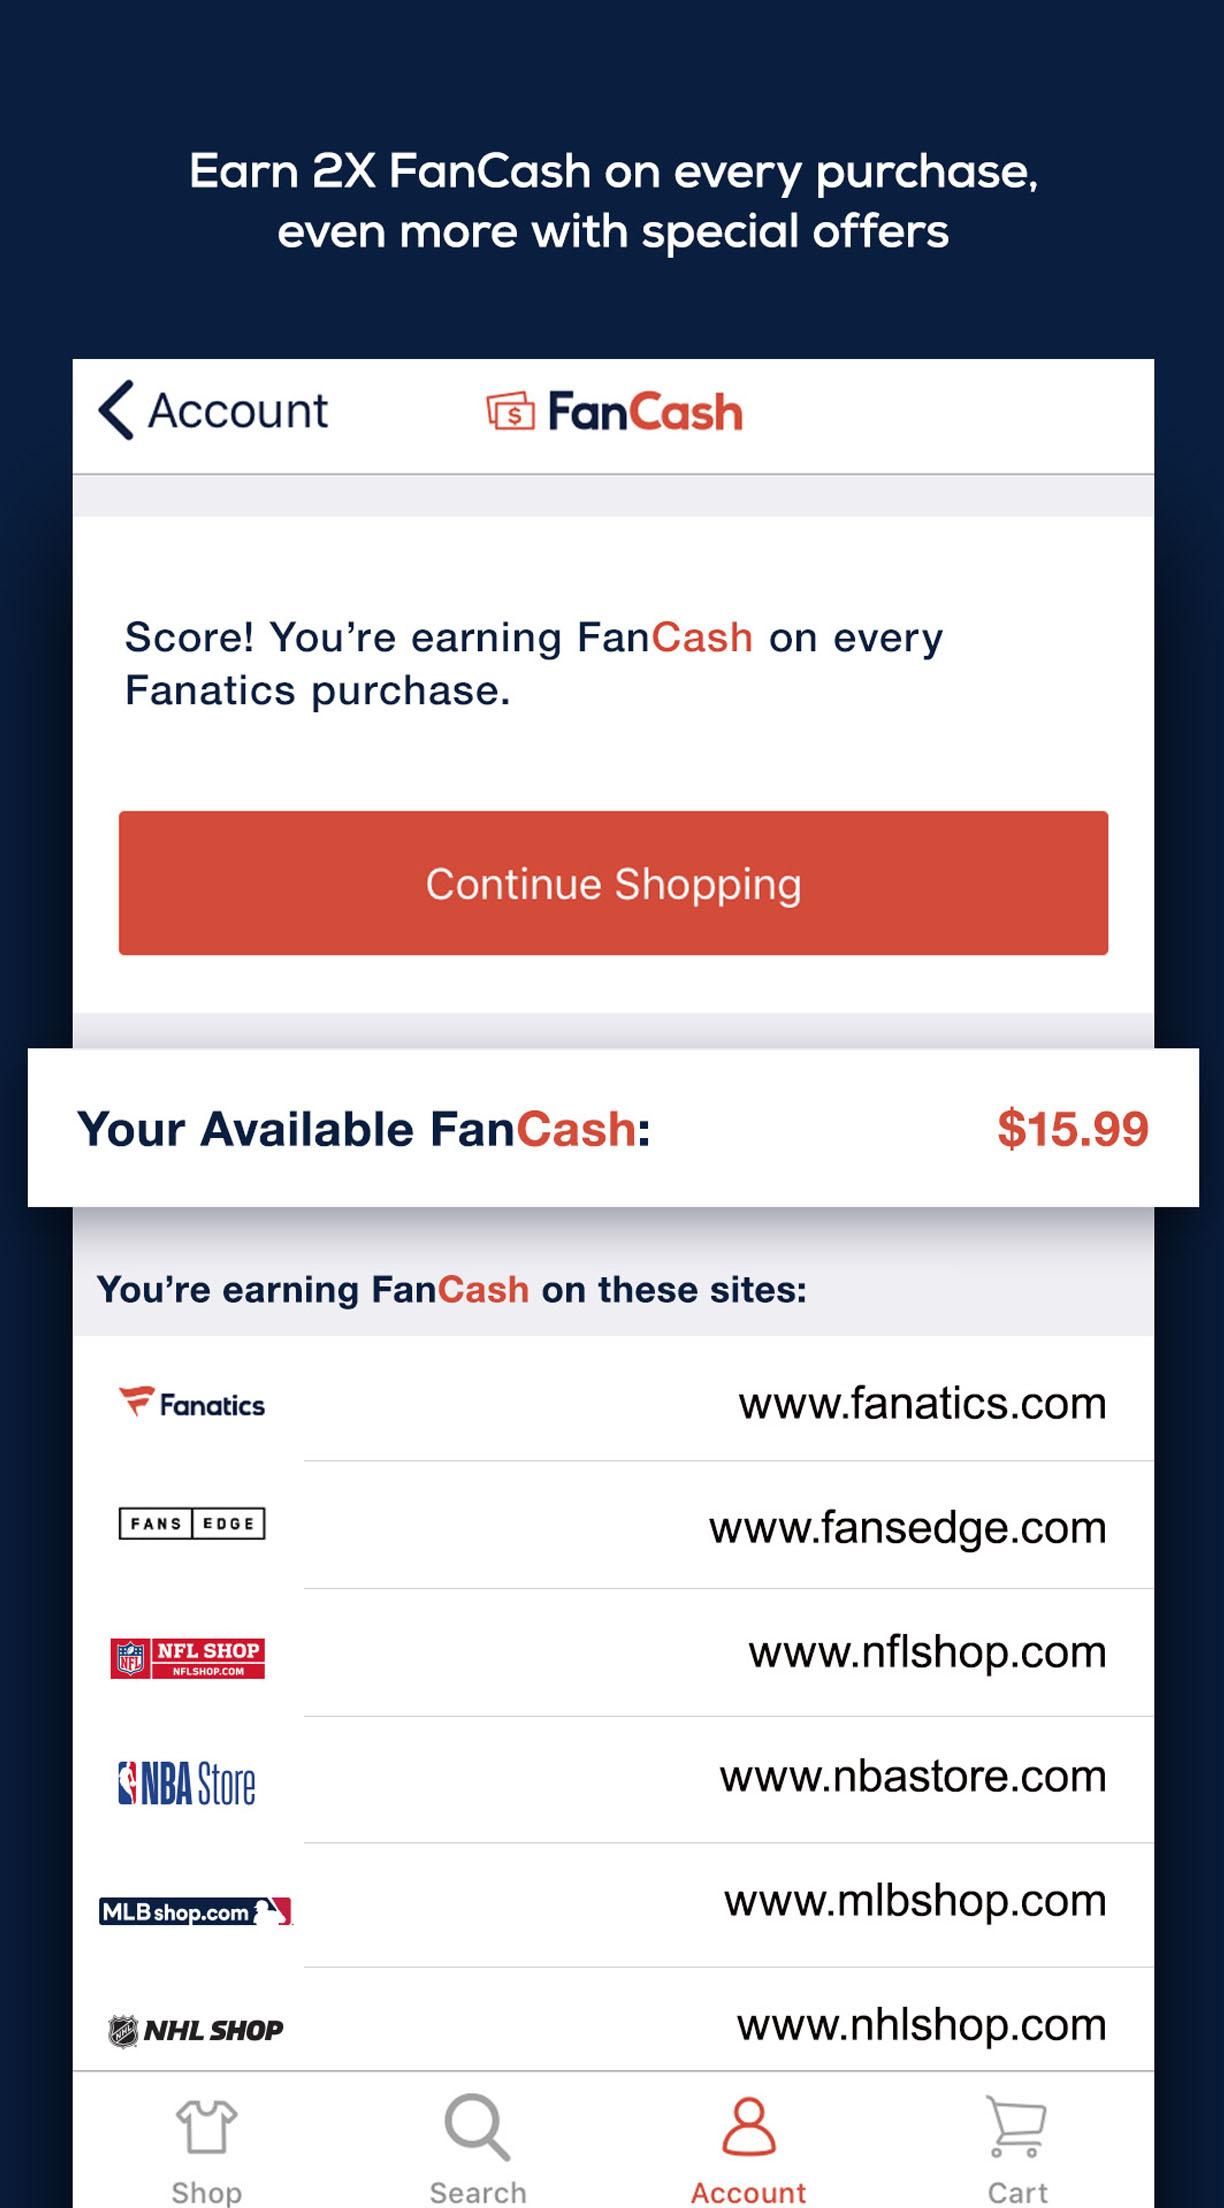 FanCash